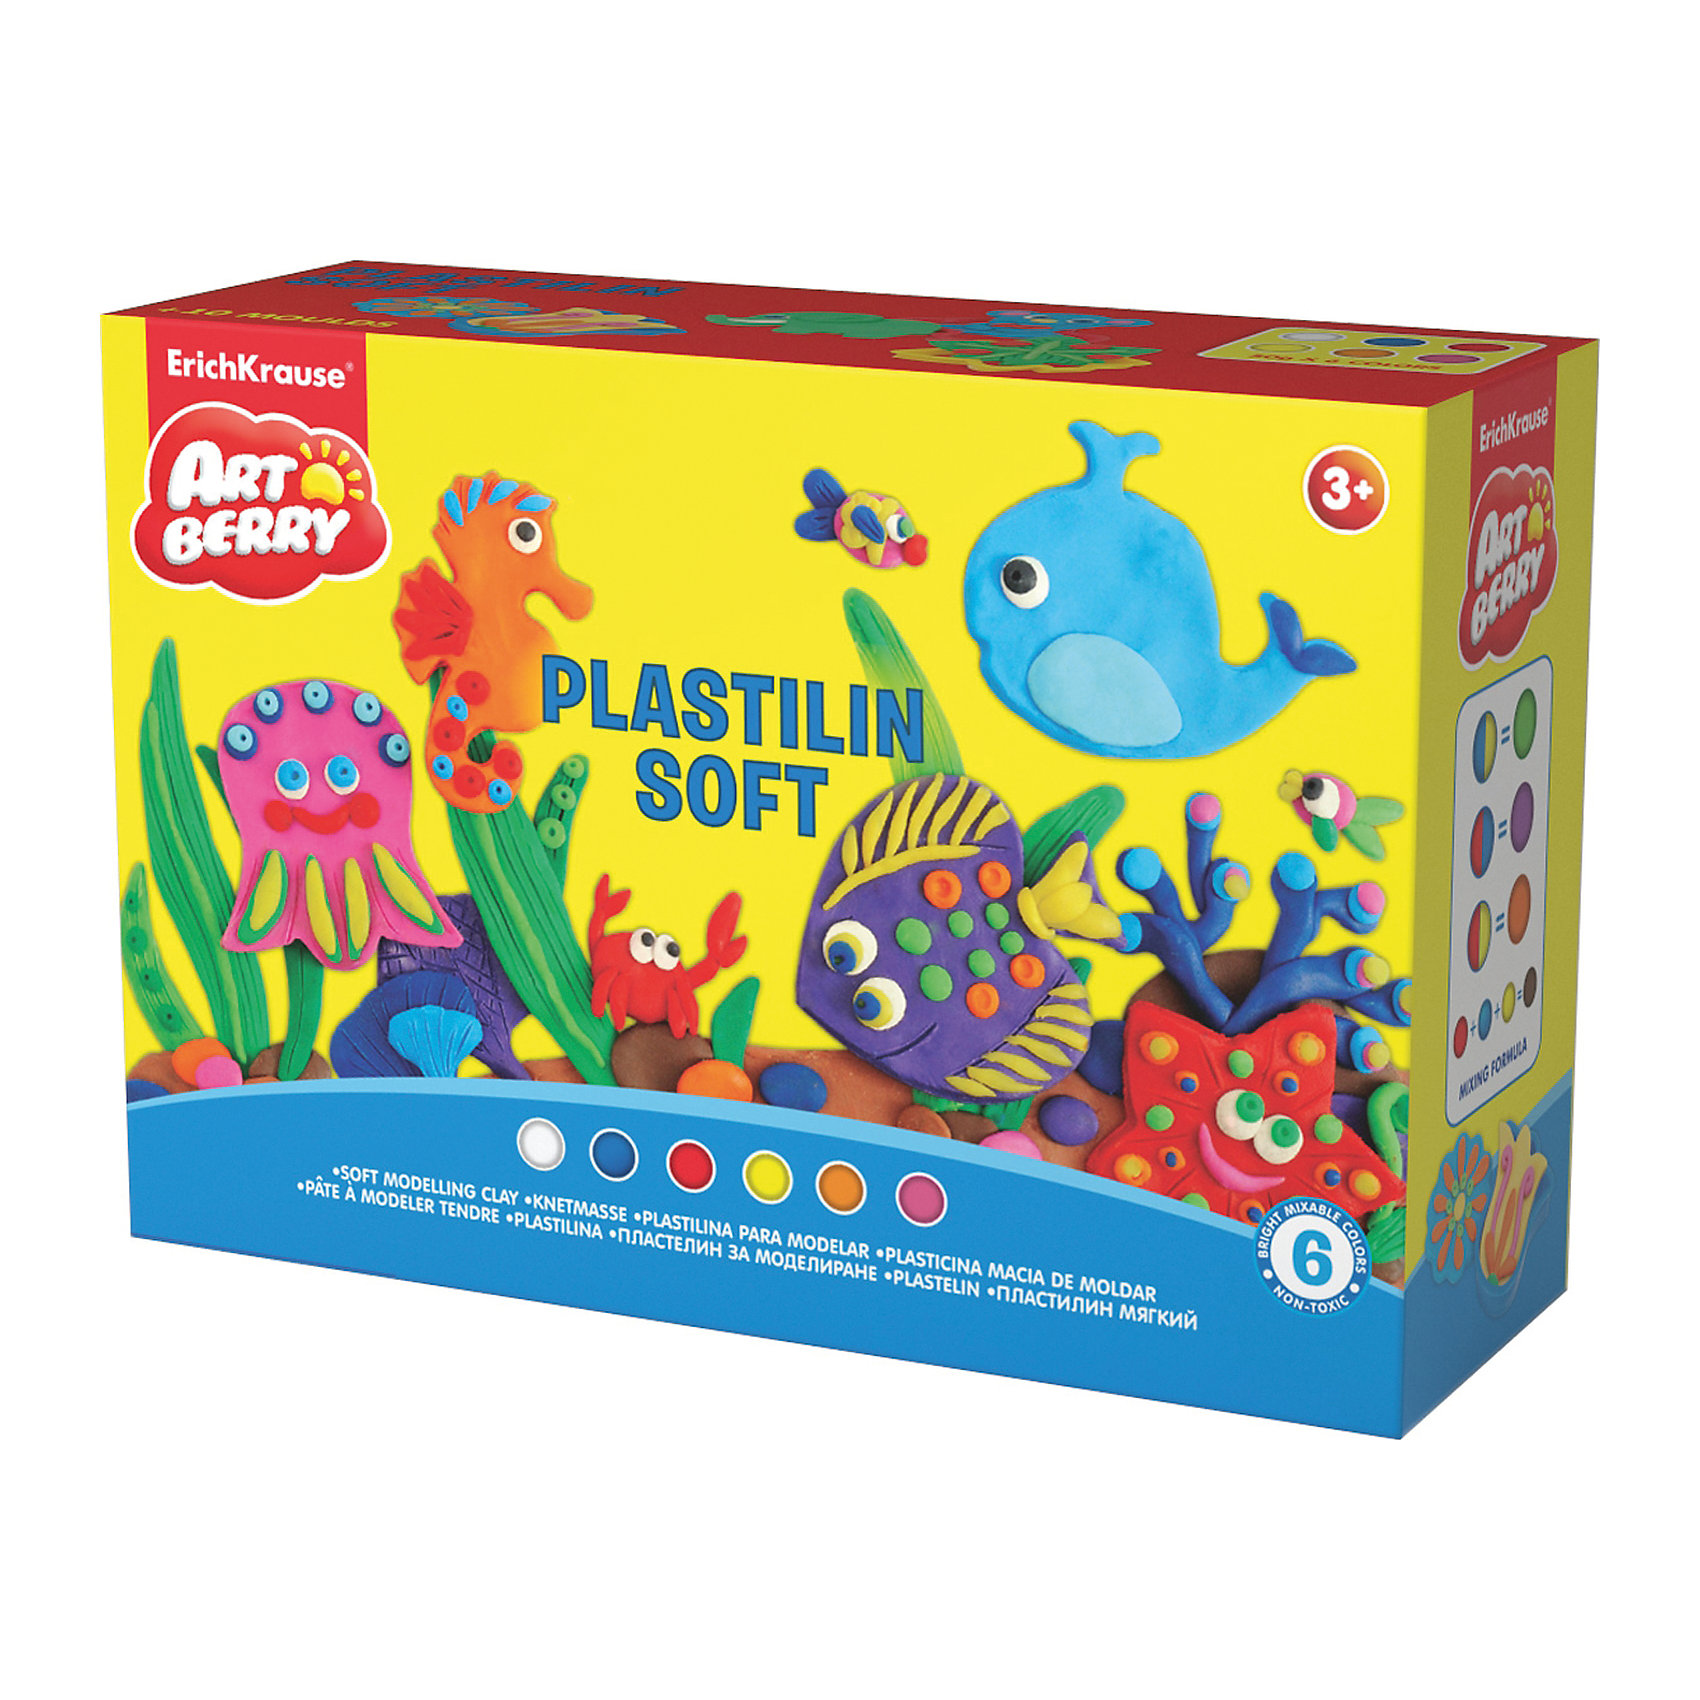 Пластилин мягкий Artberry по Play in Clay 6 цветов по 50гРисование и лепка<br>Пластилин мягкий Artberry по Play in Clay 6 цветов по 50г.<br><br>Характеристики:<br><br>• В набор входит: 6 брусочков пластилина, 8 формочек, ножичек, валик, инструкция<br>• Размер упаковки: 22,5 * 8 * 15,5 см.<br>• Вес: 577 г.<br>• Для детей в возрасте: от 3-х лет<br>• Страна производитель: Китай<br><br>Пластилин этой серии изготовлен на основе кукурузного крахмала, легко разминается и не застывает на воздухе, в состав также входит вазелиновое масло, ухаживающее за ручками. Этот набор включает в себя шесть ярких цветов, которые позволят вылепить любой шедевр. Кроме того, в набор входят целых восемь формочек с растениями и животными. <br><br>С помощью безопасного ножичка вы сможете отрезать кусочки и вырезать детали животных и растений, а благодаря валику можно будет раскатывать пластилин как тесто. Занимаясь лепкой дети развивают моторику рук, творческие способности, восприятие цветов и их сочетаний, а также лепка благотворно влияет на развитие речи, координацию движений, память и логическое мышление. Лепка всей семьей поможет весело и пользой провести время!<br><br>Пластилин мягкий Artberry по Play in Clay 6 цветов по 50г. можно купить в нашем интернет-магазине.<br><br>Ширина мм: 226<br>Глубина мм: 155<br>Высота мм: 78<br>Вес г: 577<br>Возраст от месяцев: 60<br>Возраст до месяцев: 216<br>Пол: Унисекс<br>Возраст: Детский<br>SKU: 5409346